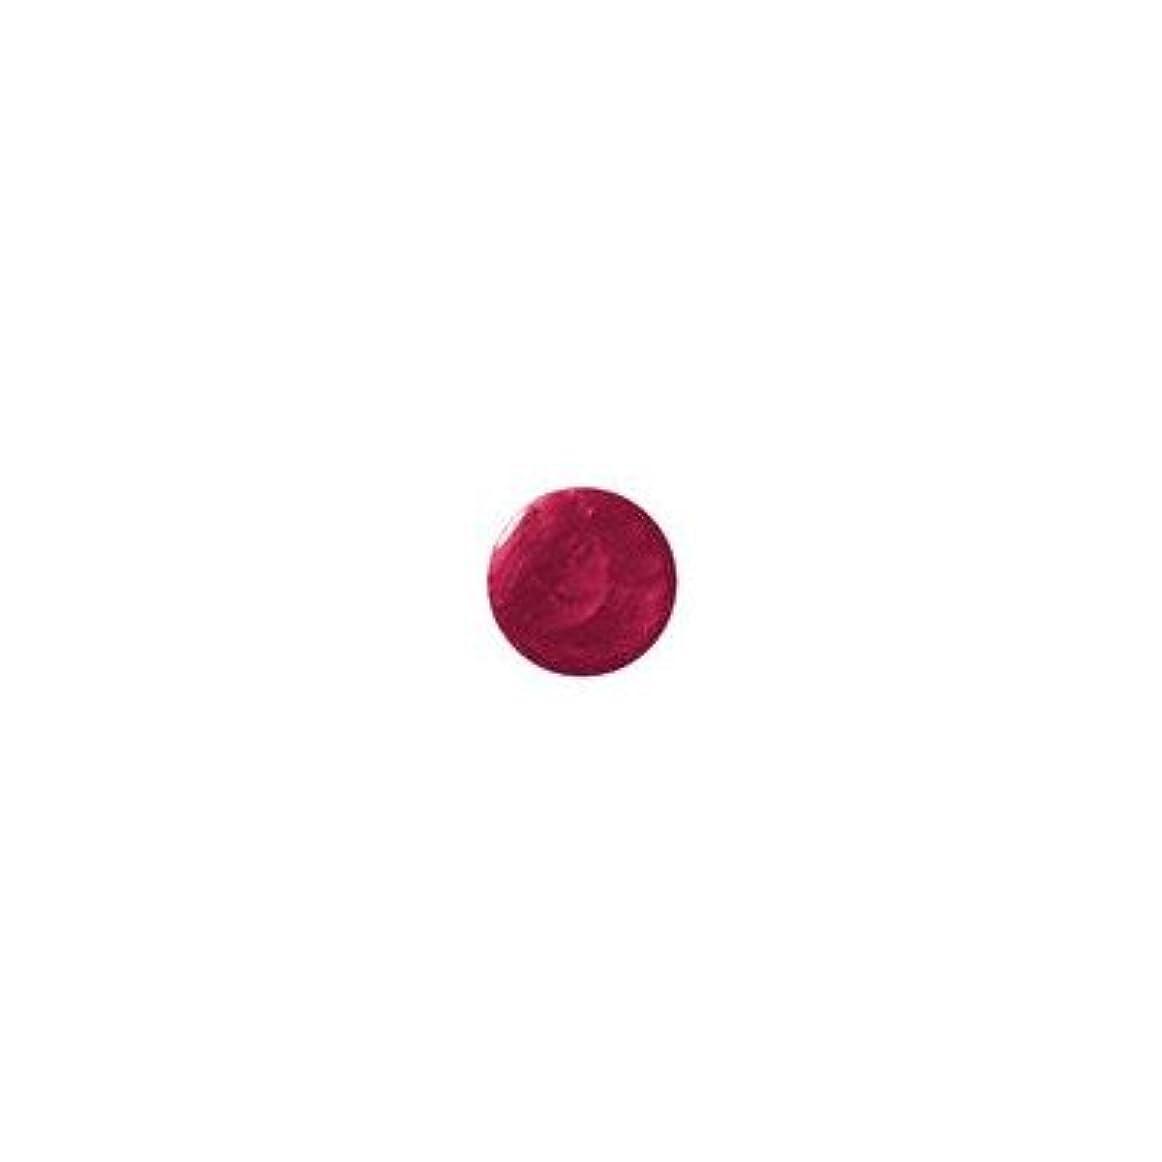 影響する腹リングレットジェレレーション カラー463Fパッショネイトキッシーズ